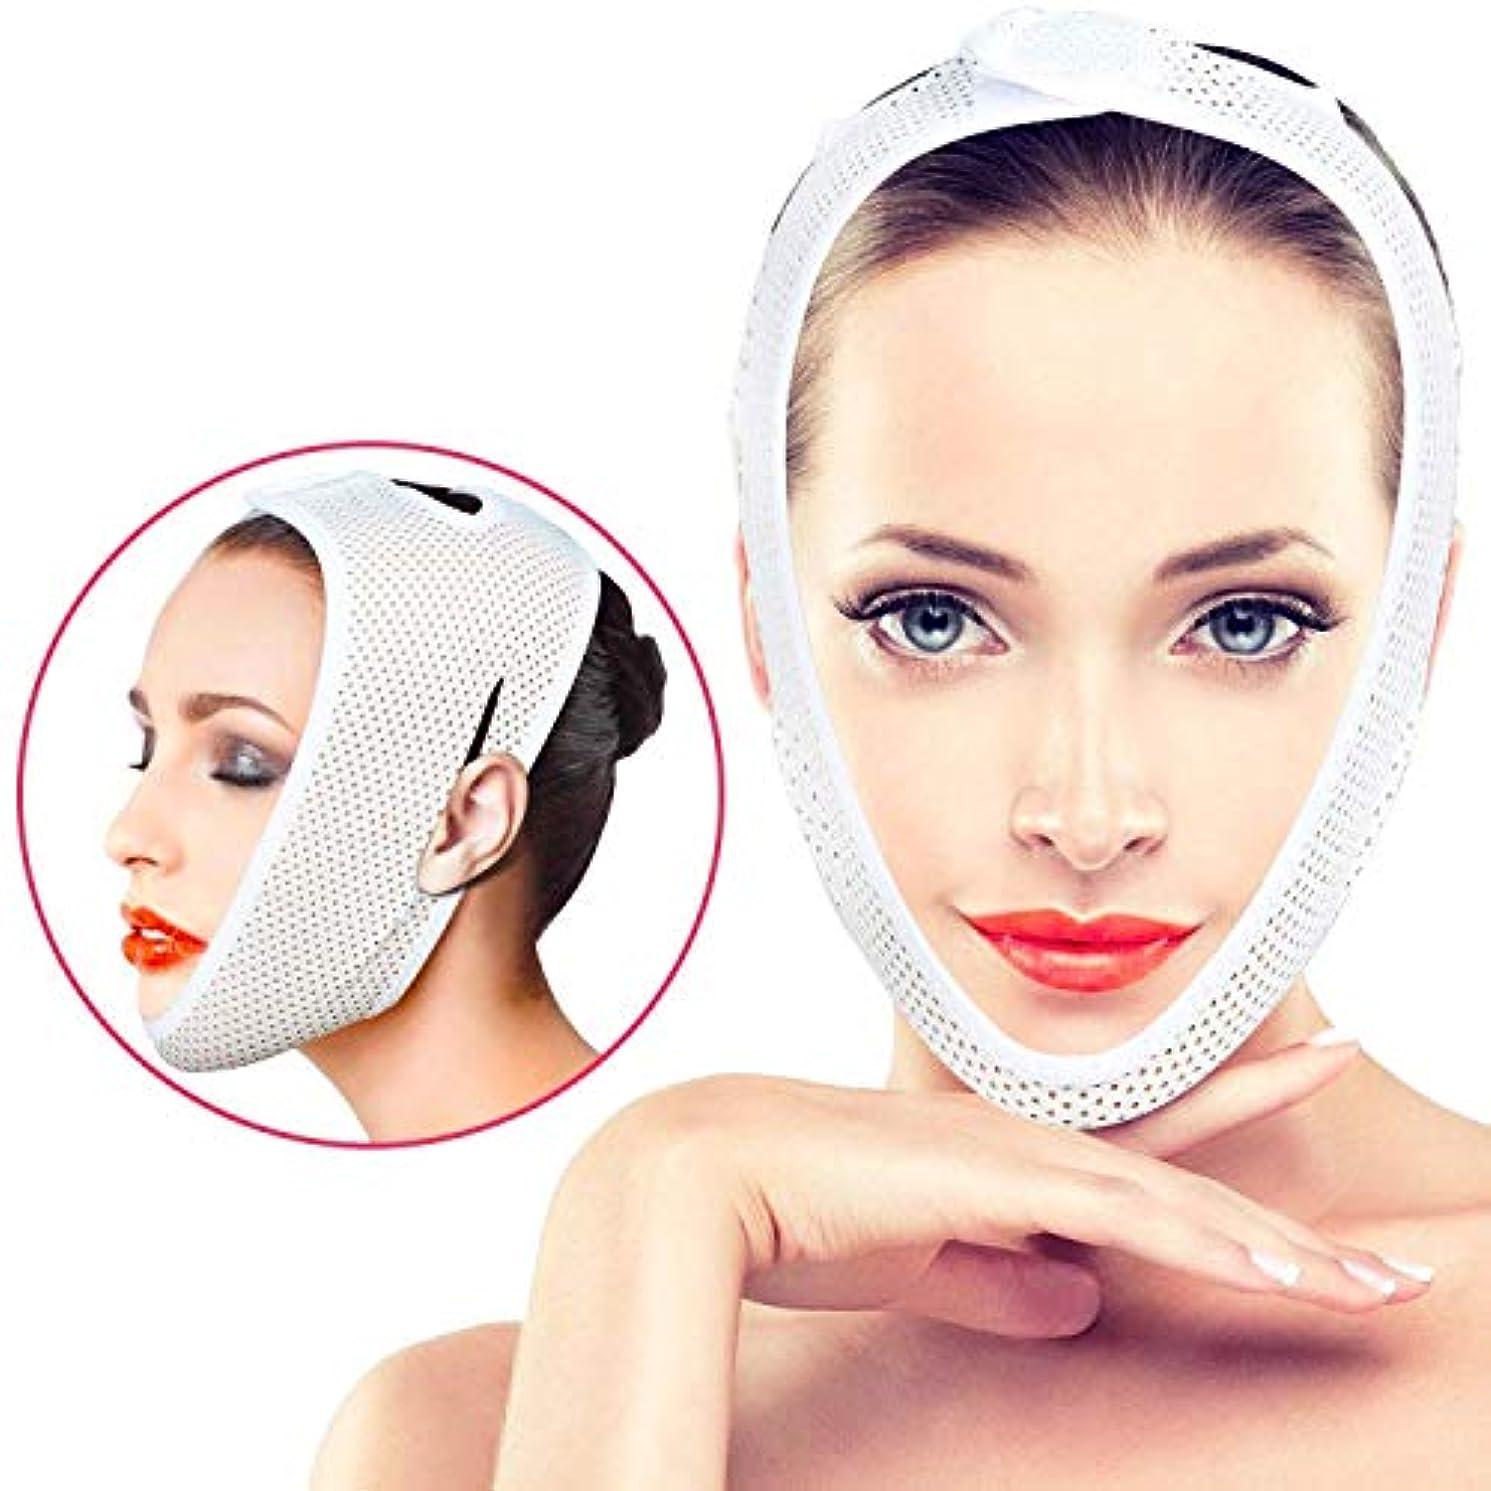 フラスコ強風好意WSJTT パッチ通気チンケアを締め付け女性のための顔のリフティングベルト、Vラインチンチークリフトアップバンドアンチリンクル包帯、スリミング包帯二重あごケア減量Vフェイスベルト補正ベルト